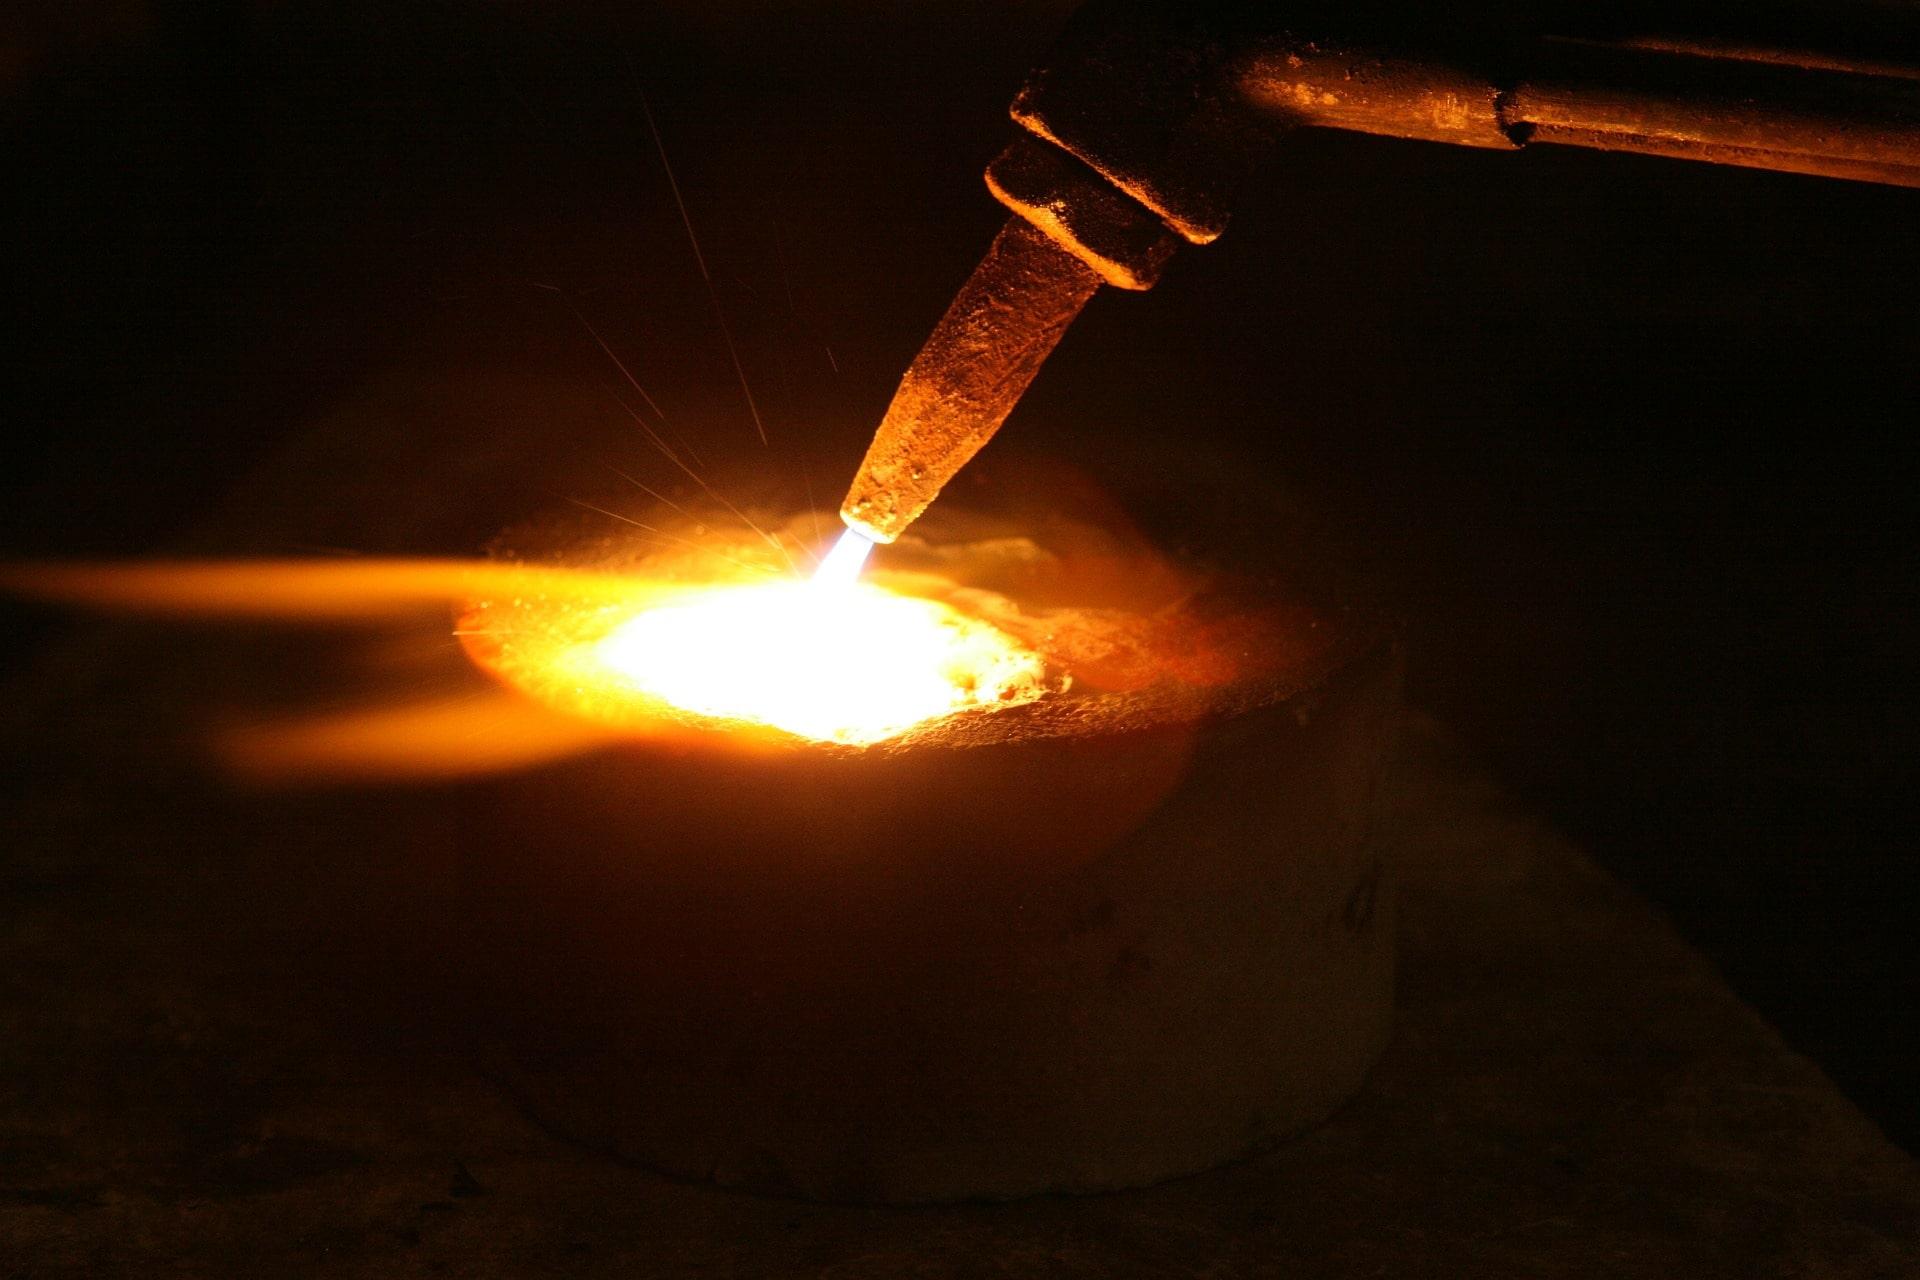 heating of platinum